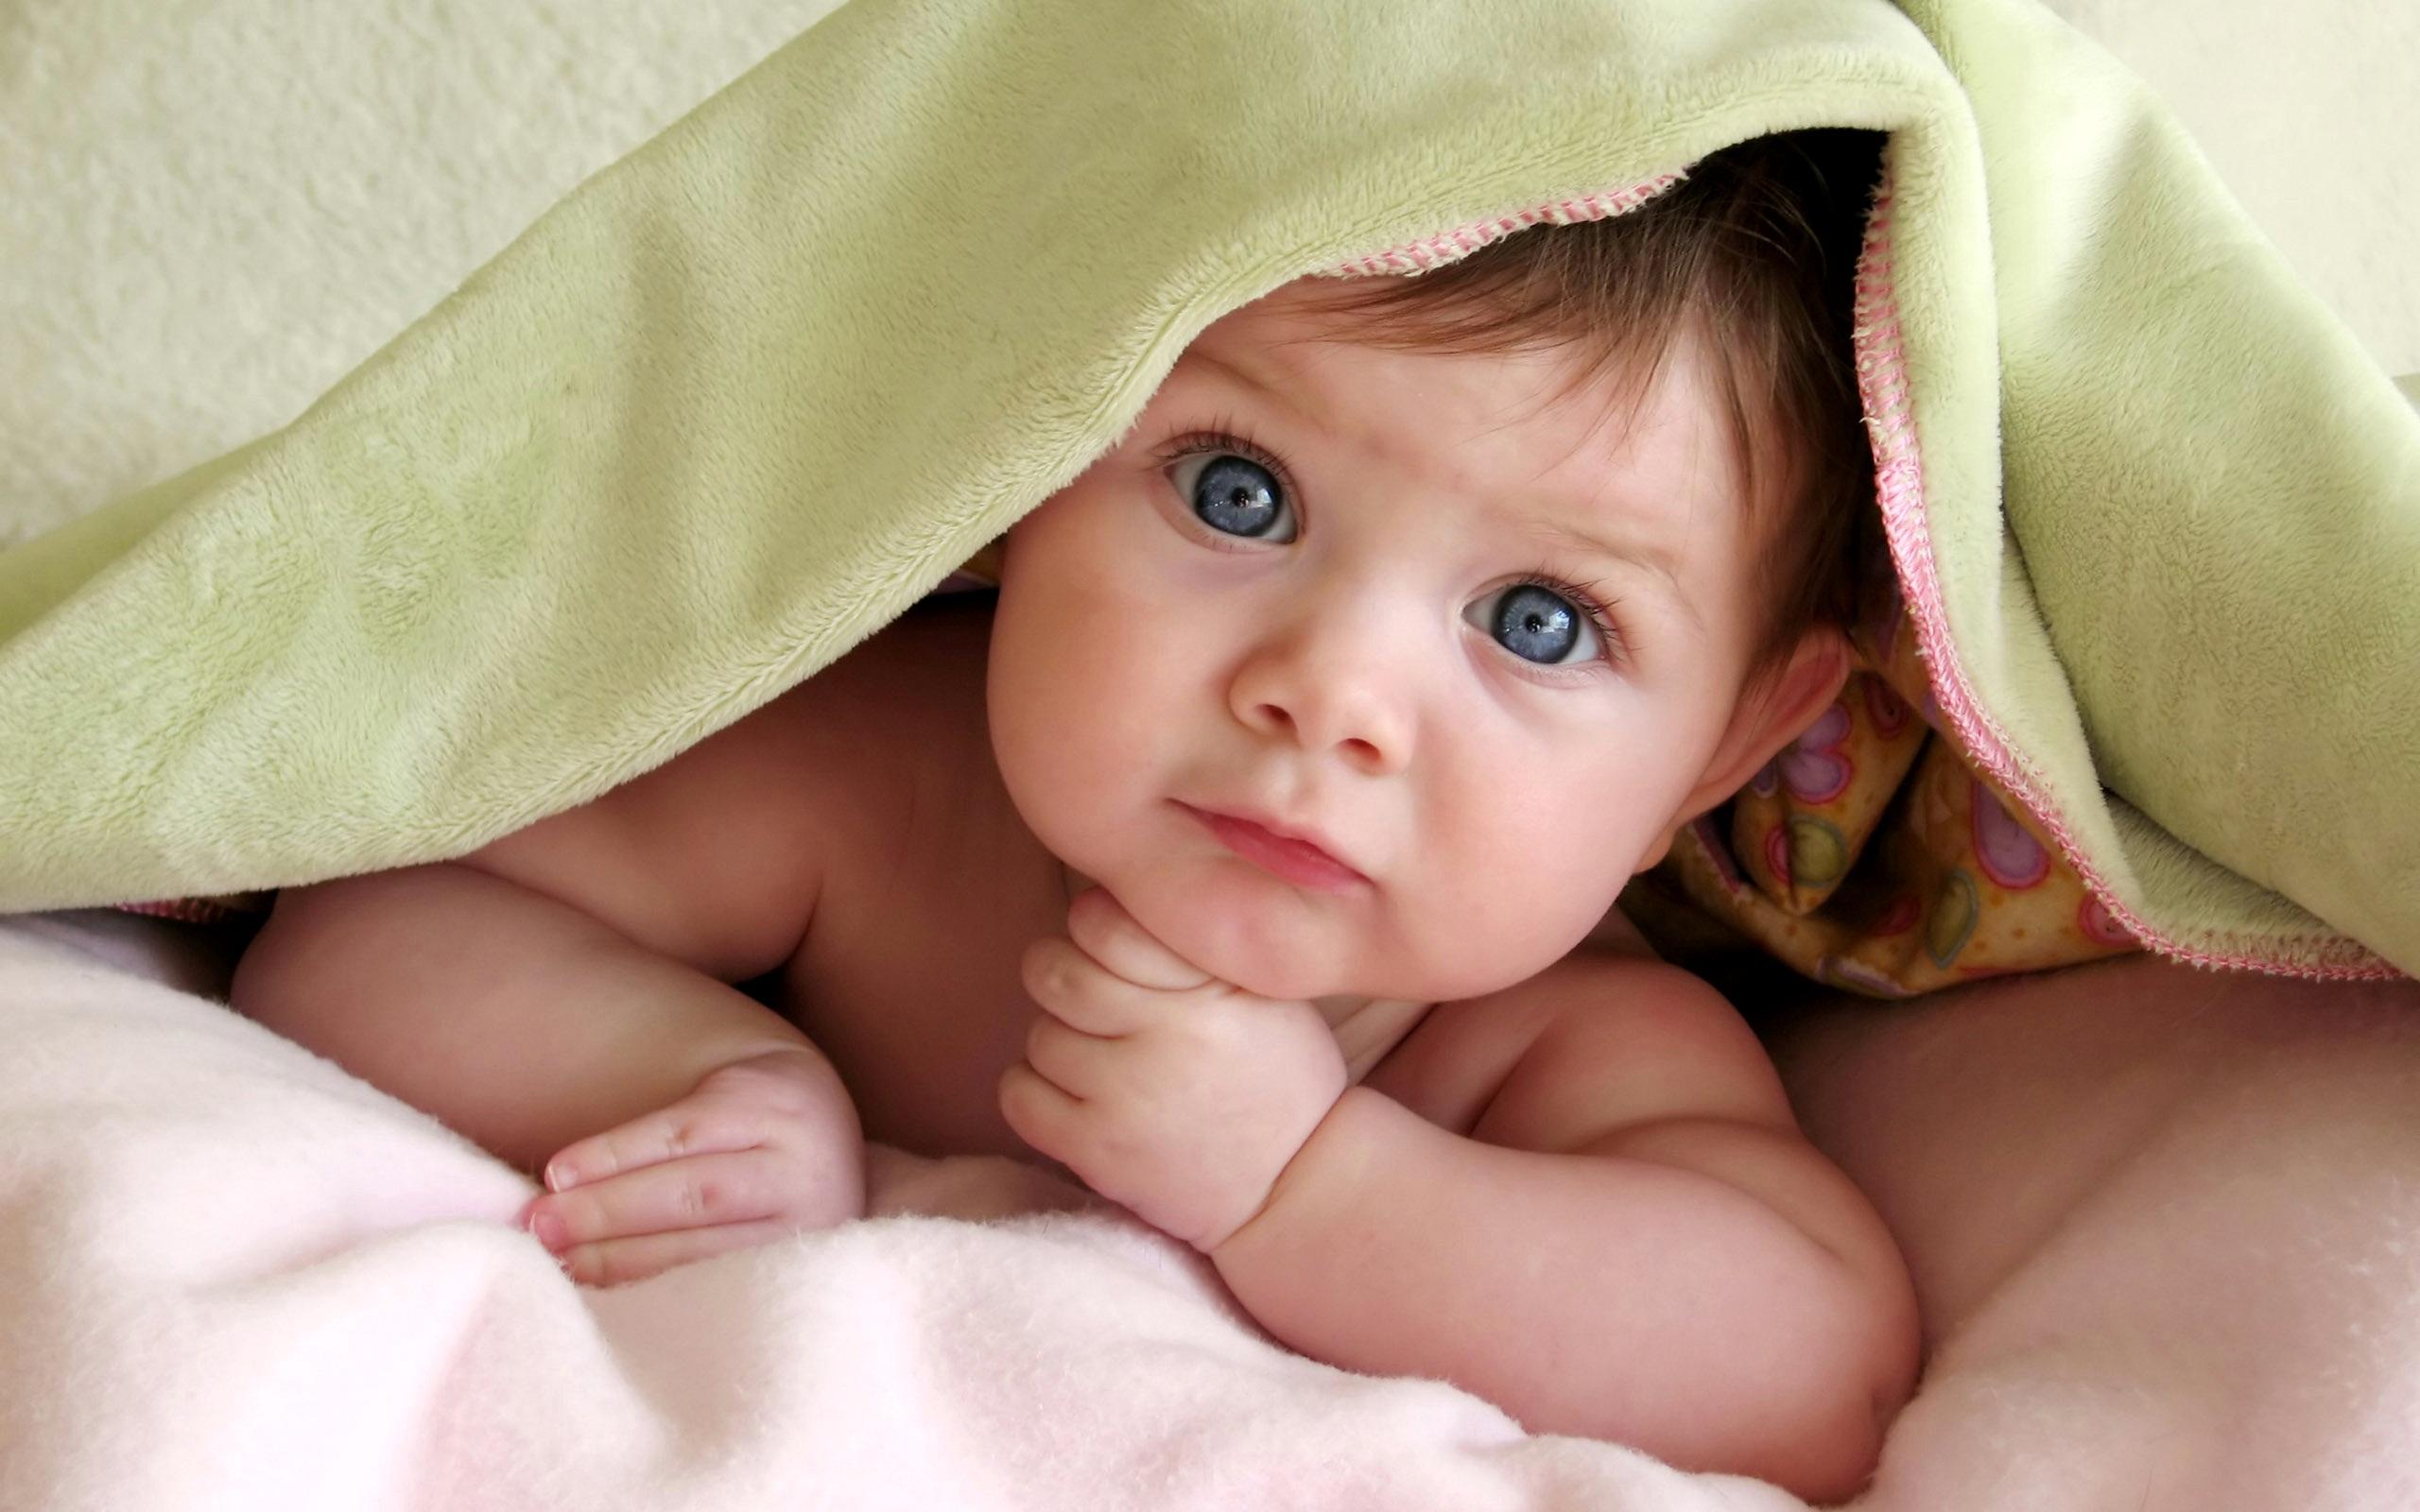 بالصور صور اطفال جديده , اطفال تهبل ربنا يرزق الجميع مثلهم 3655 2